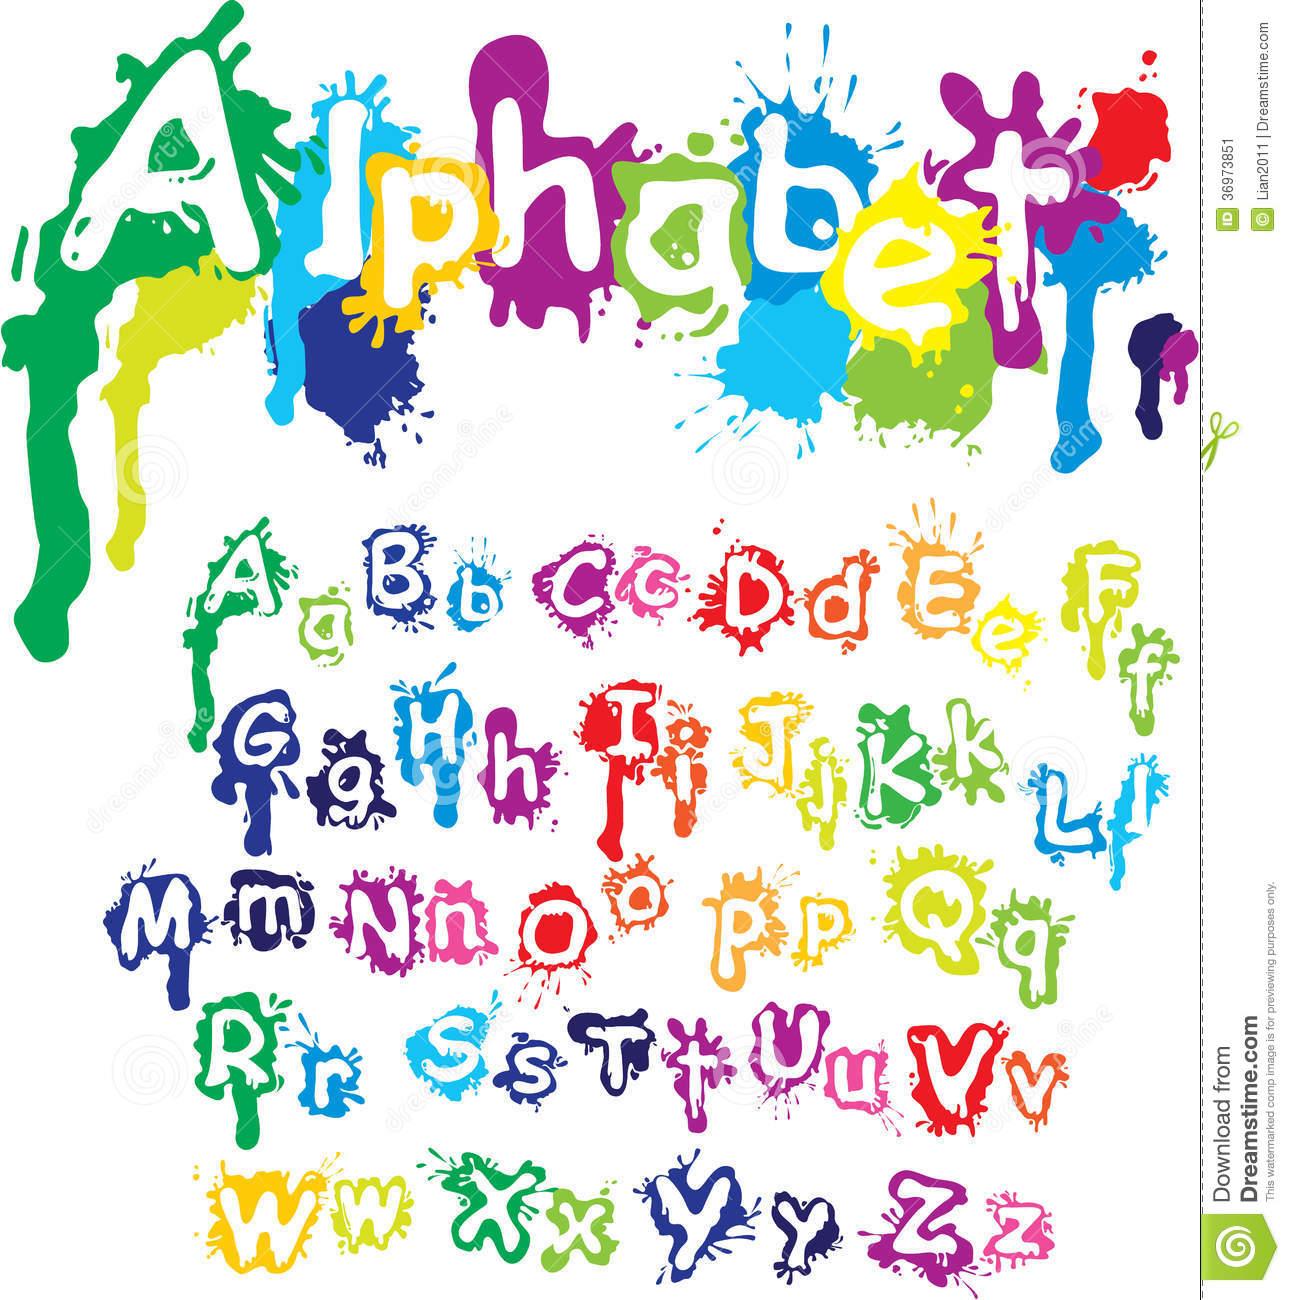 12 Paint Splatter Font Images